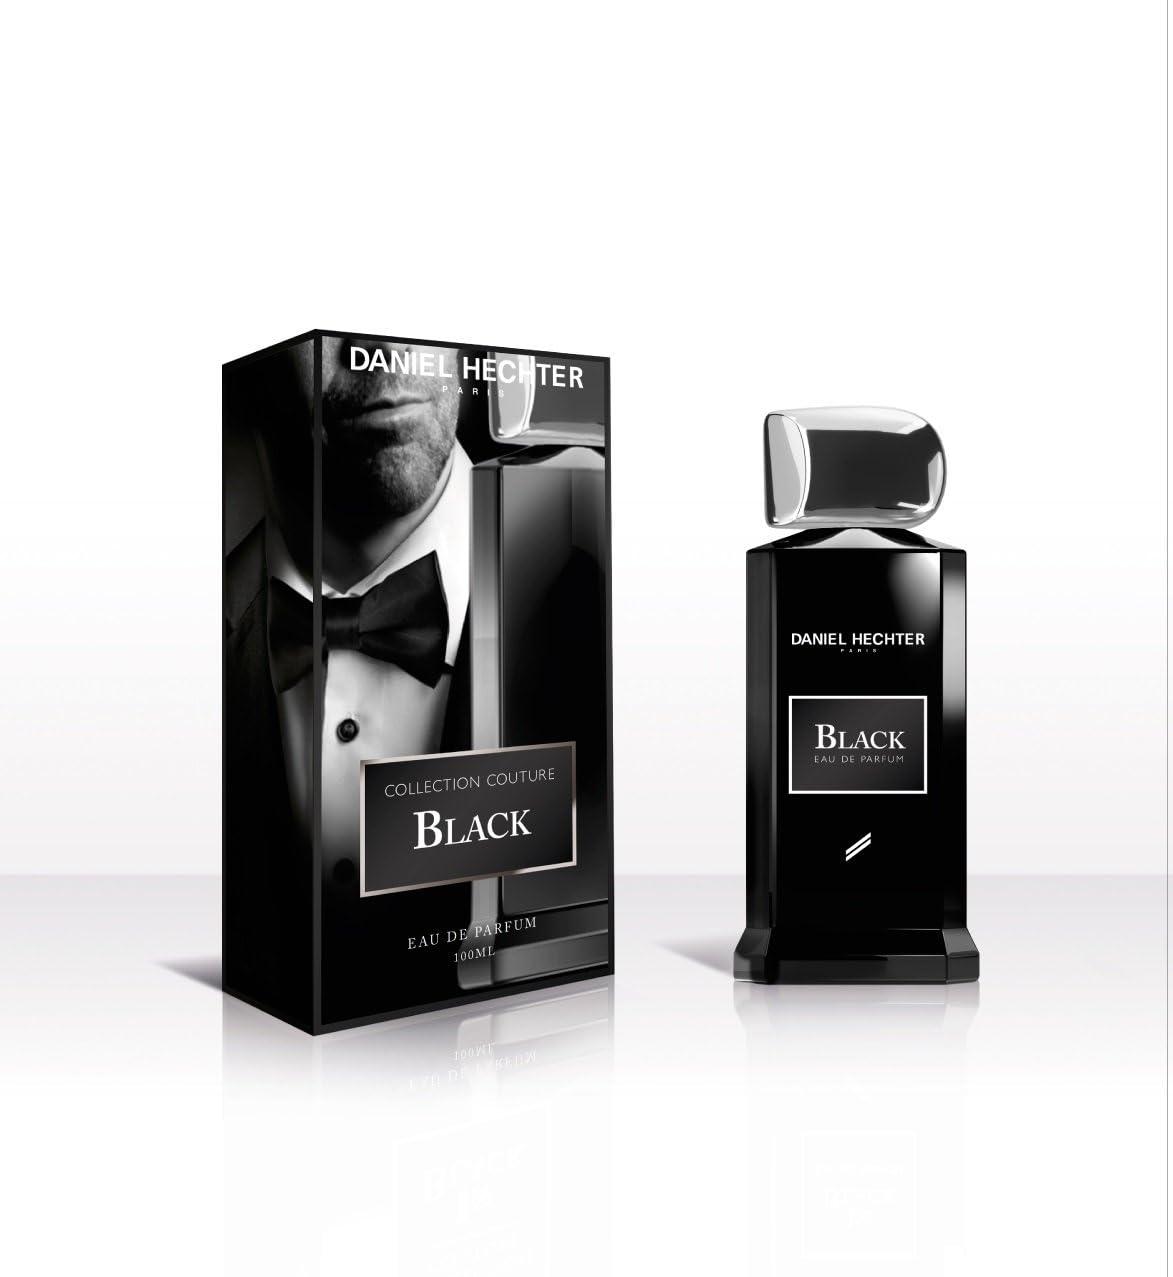 DANIEL HECHTER Eau de Parfum Homme Collection Couture Black 100 ml